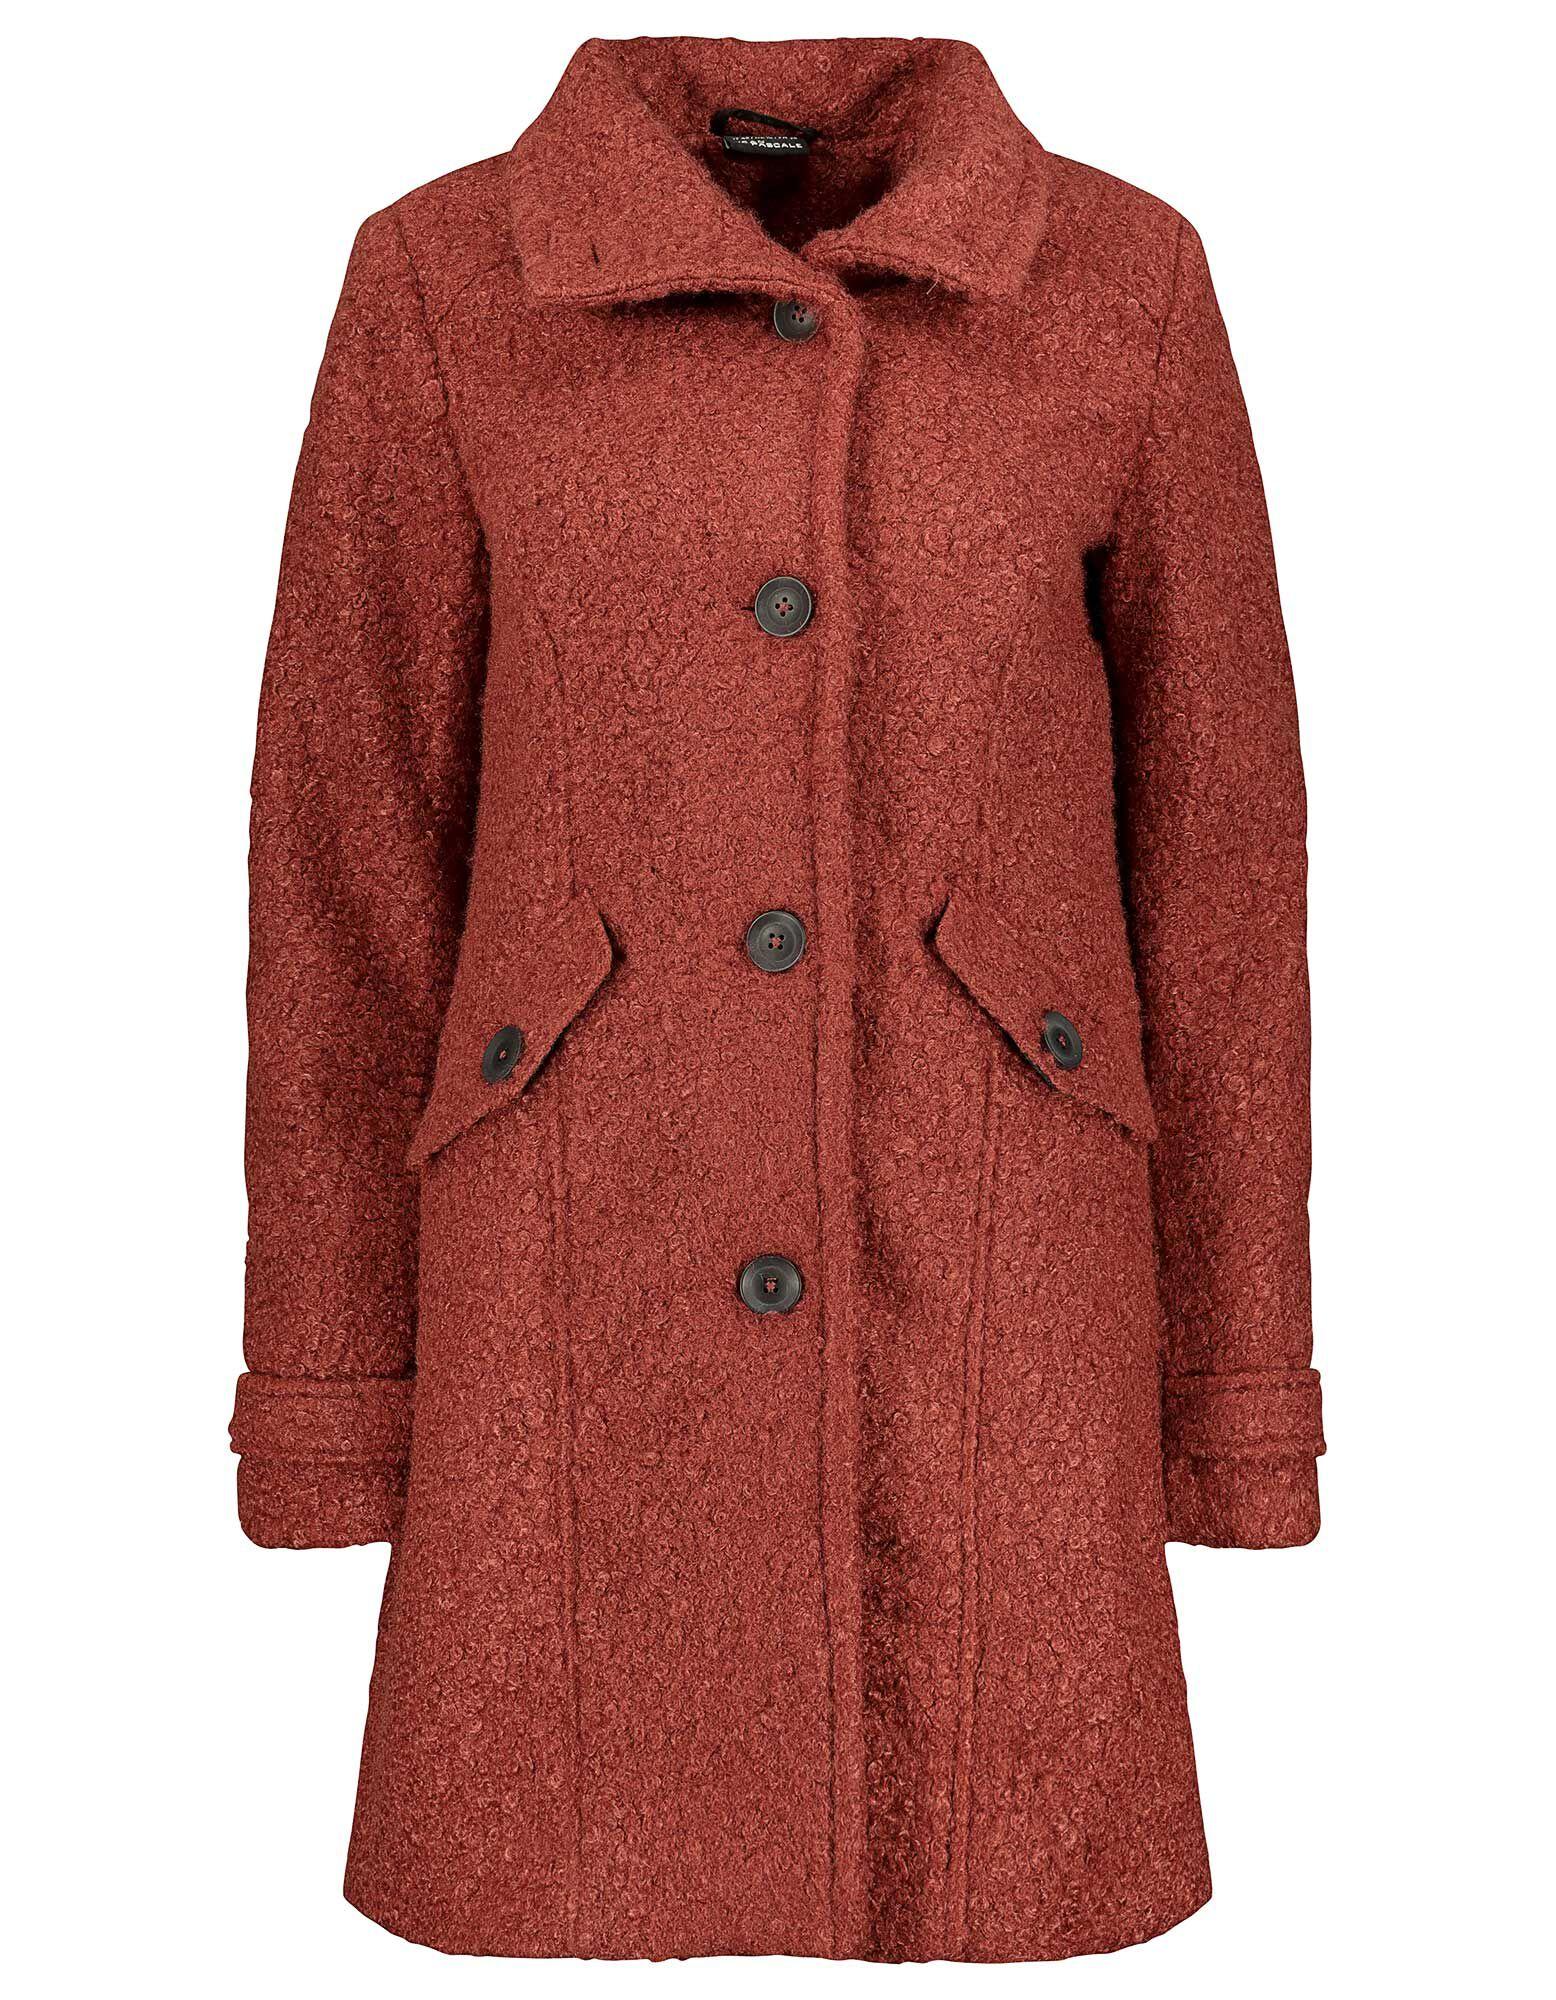 Damen Mantel aus Bouclé